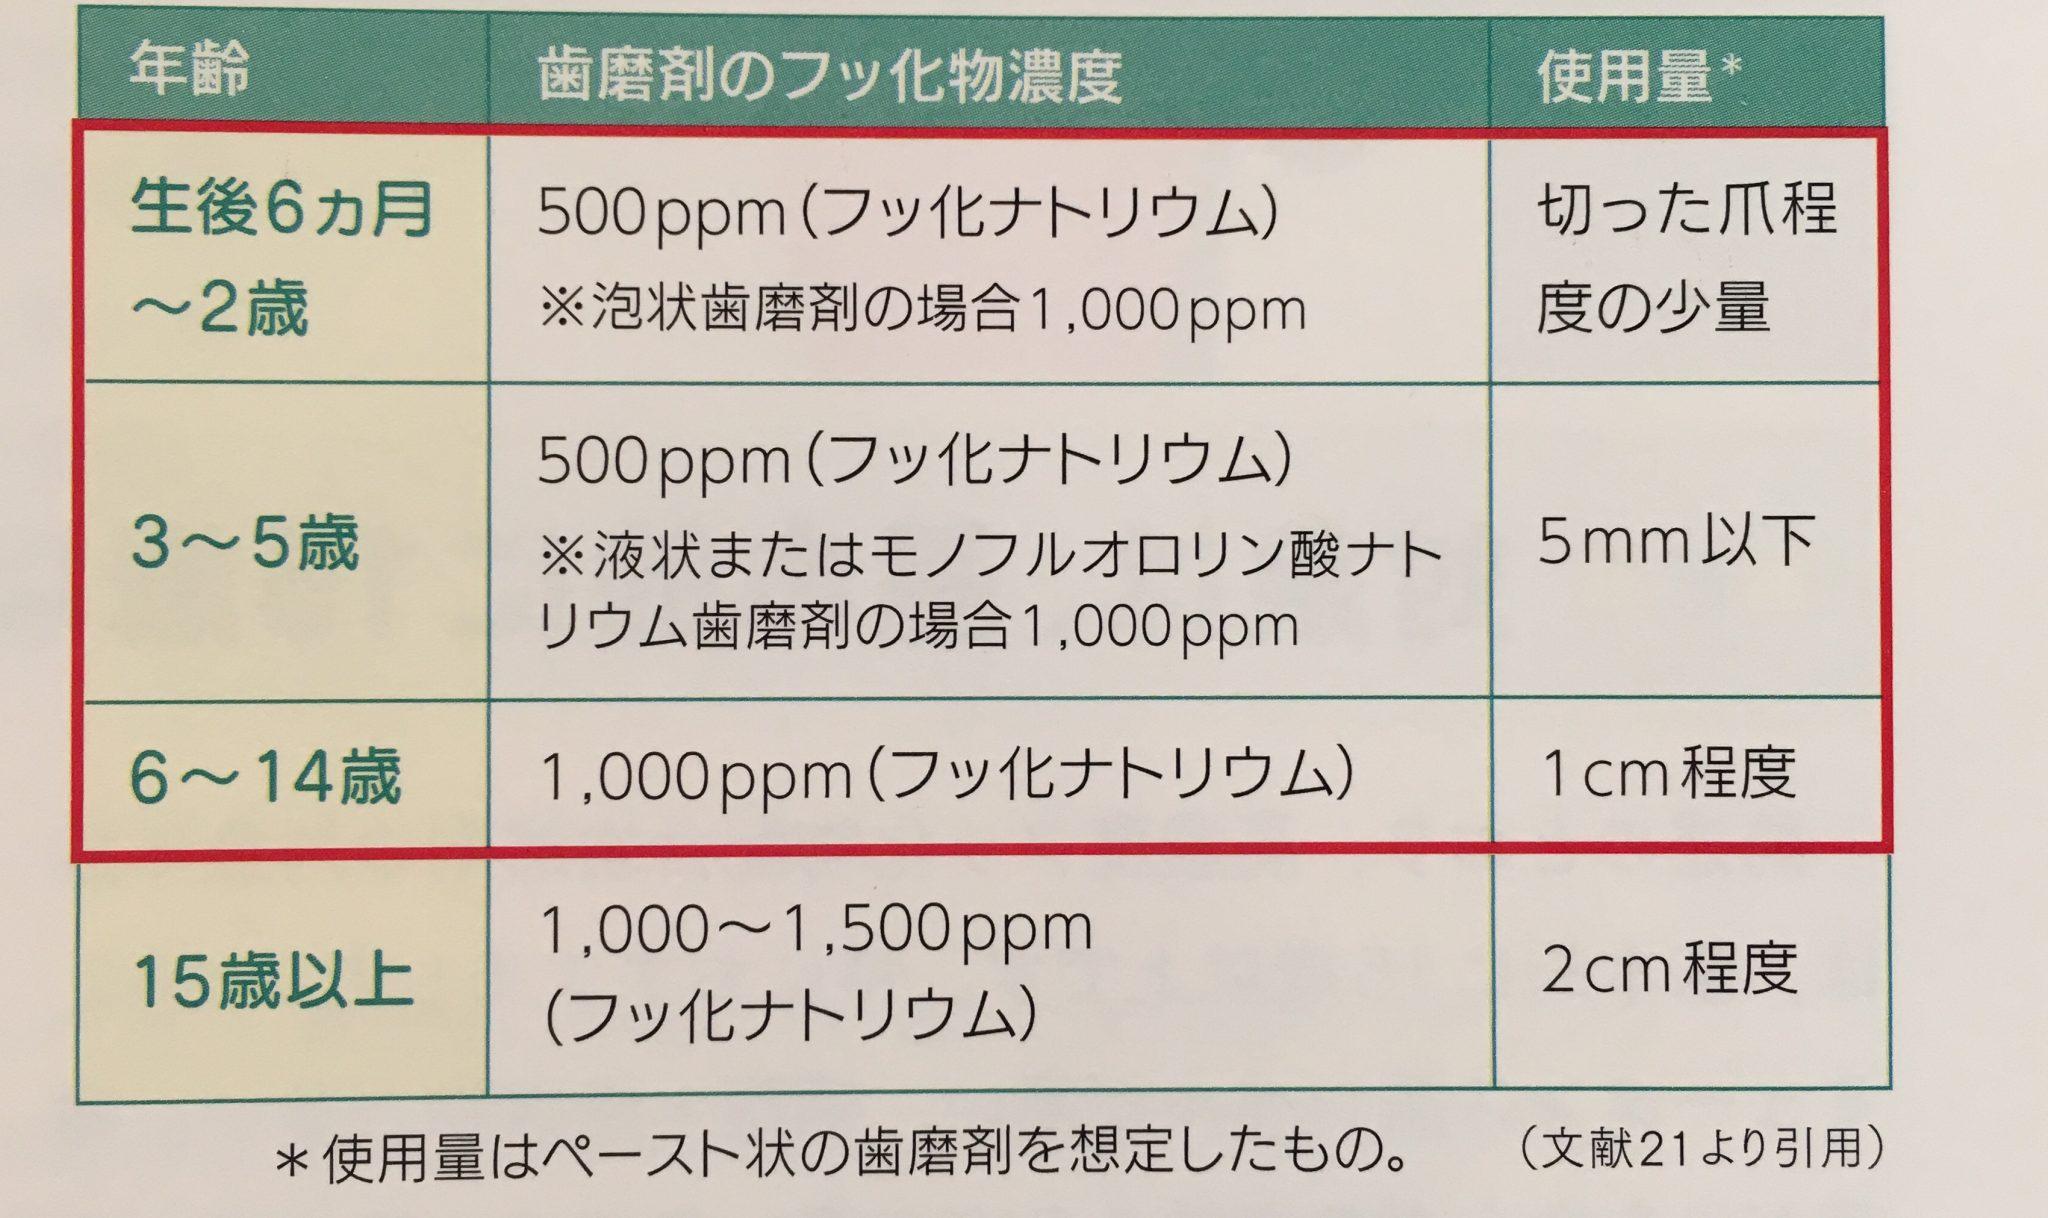 フッ化物配合歯磨剤の使用量